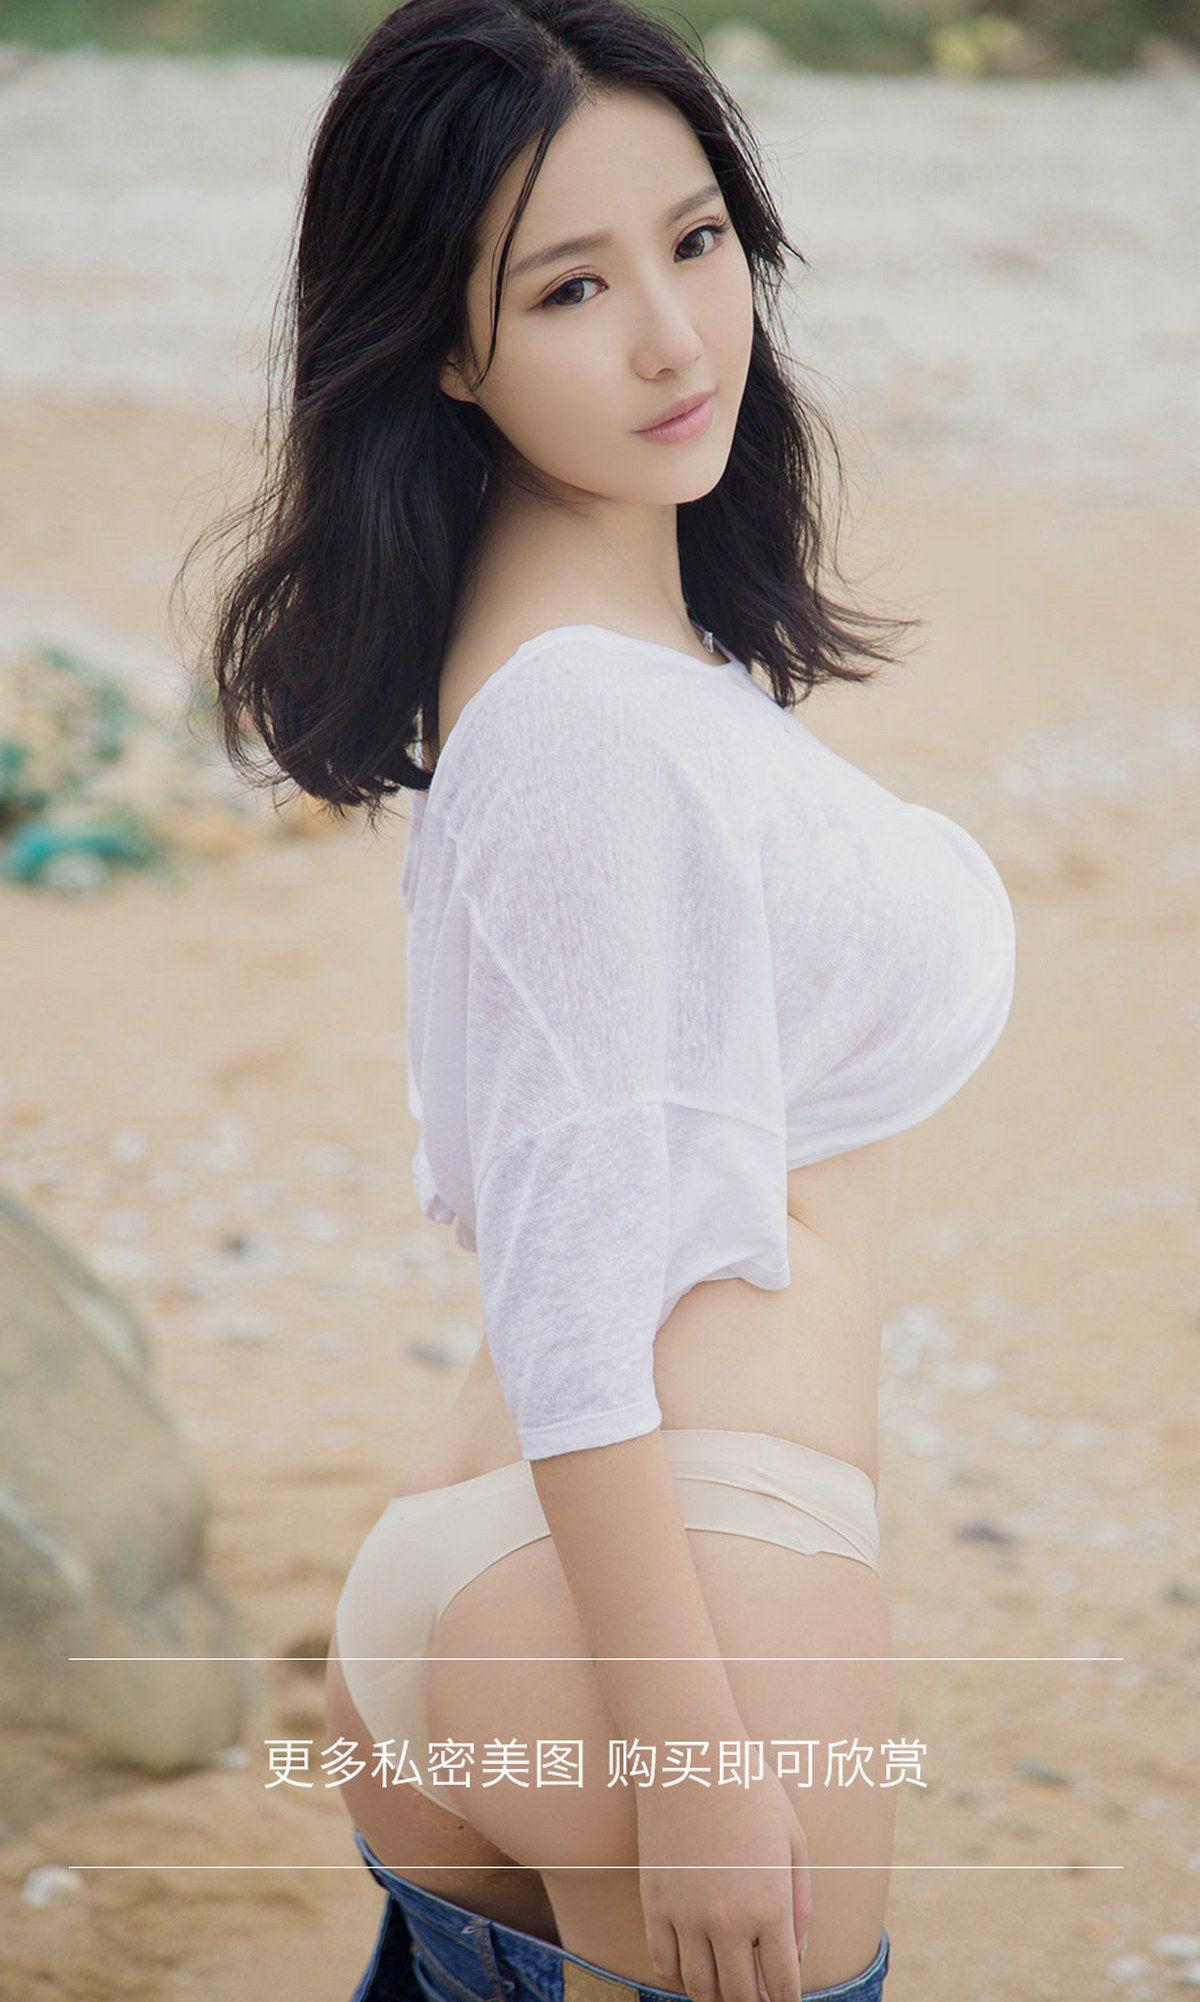 倪叶藤 - 触礁